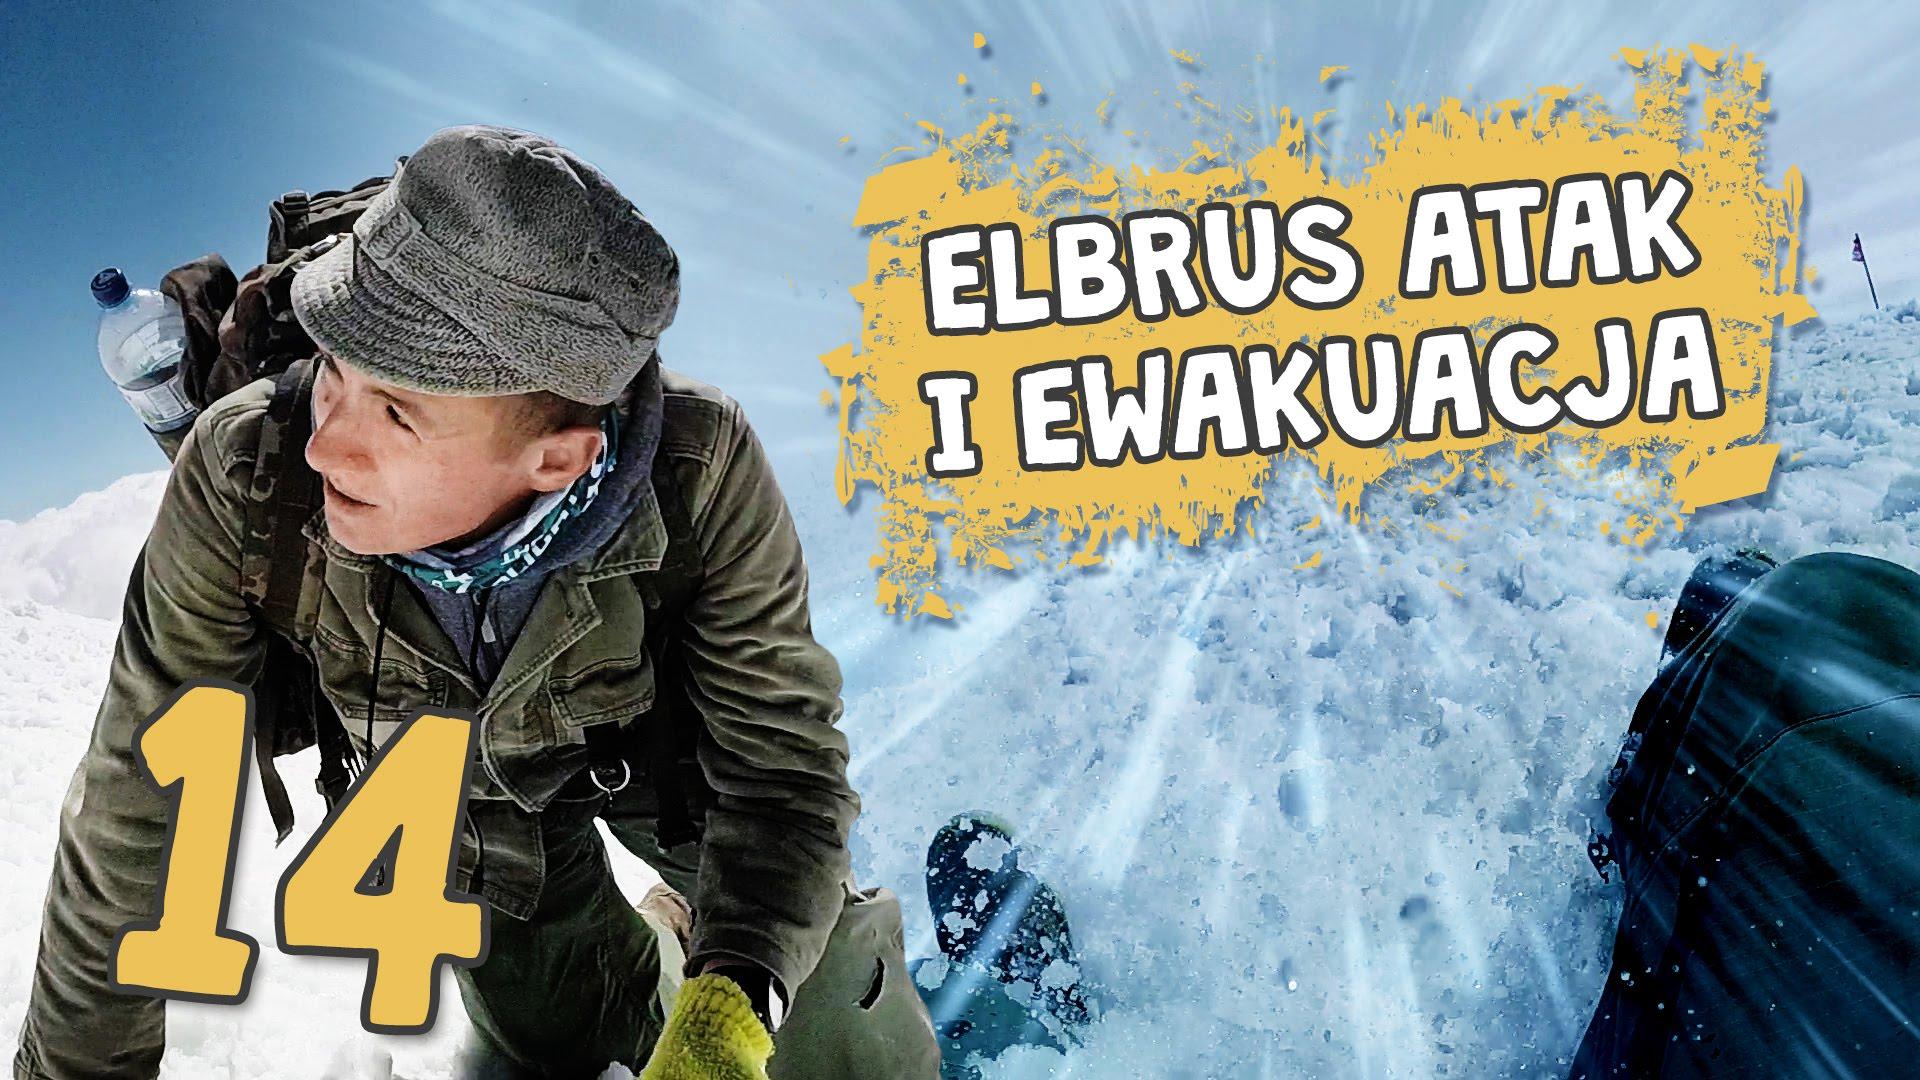 Autostopem przez Demoludy - Elbrus atak i ewakuacja (odc. 14)